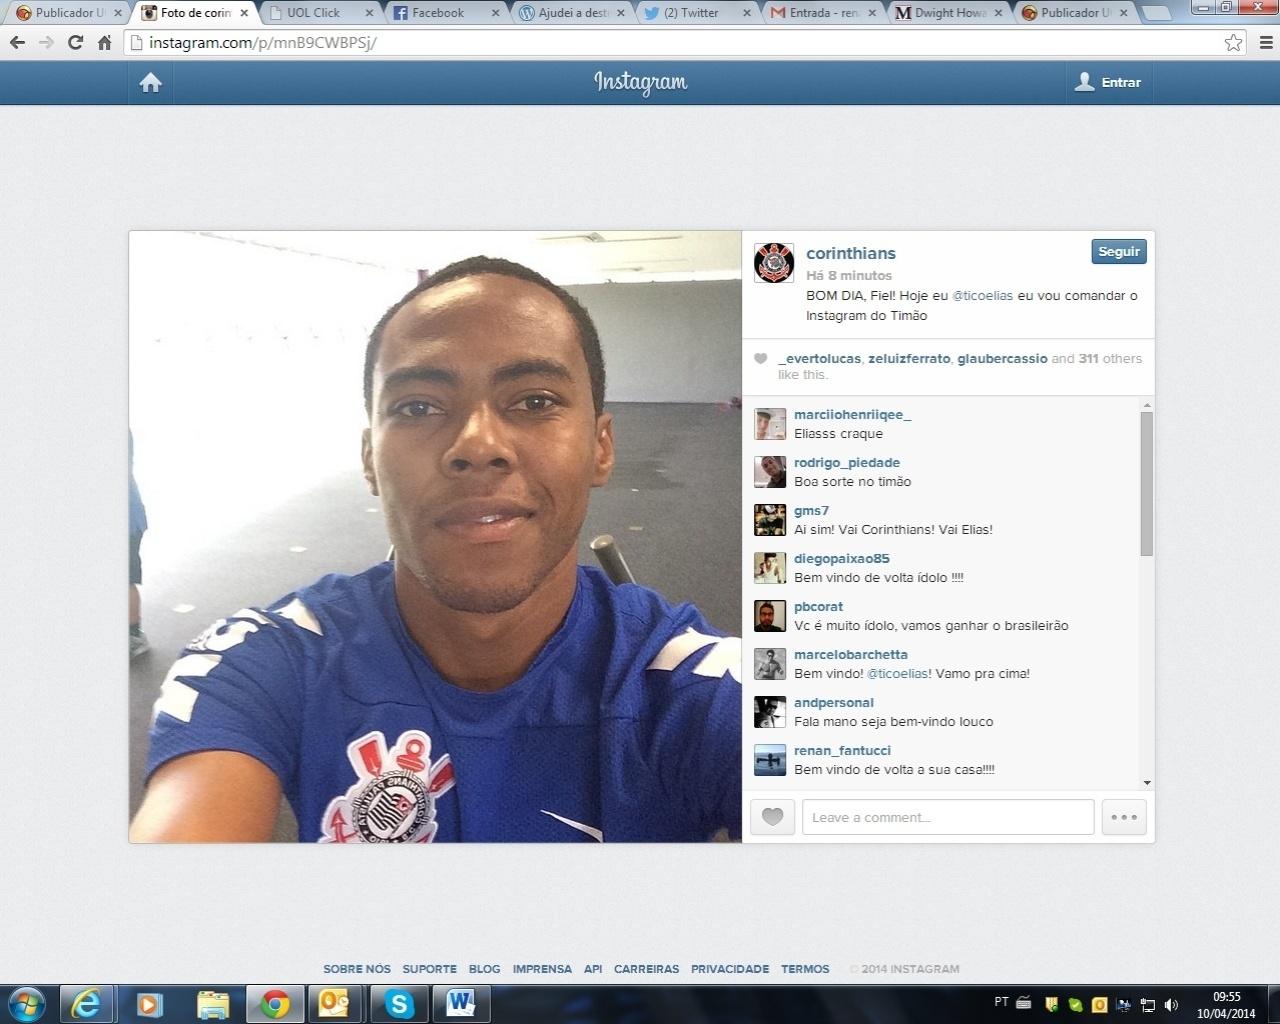 10.04.2014 - Elias volta a vestir a camisa do Corinthians e já treina com o clube